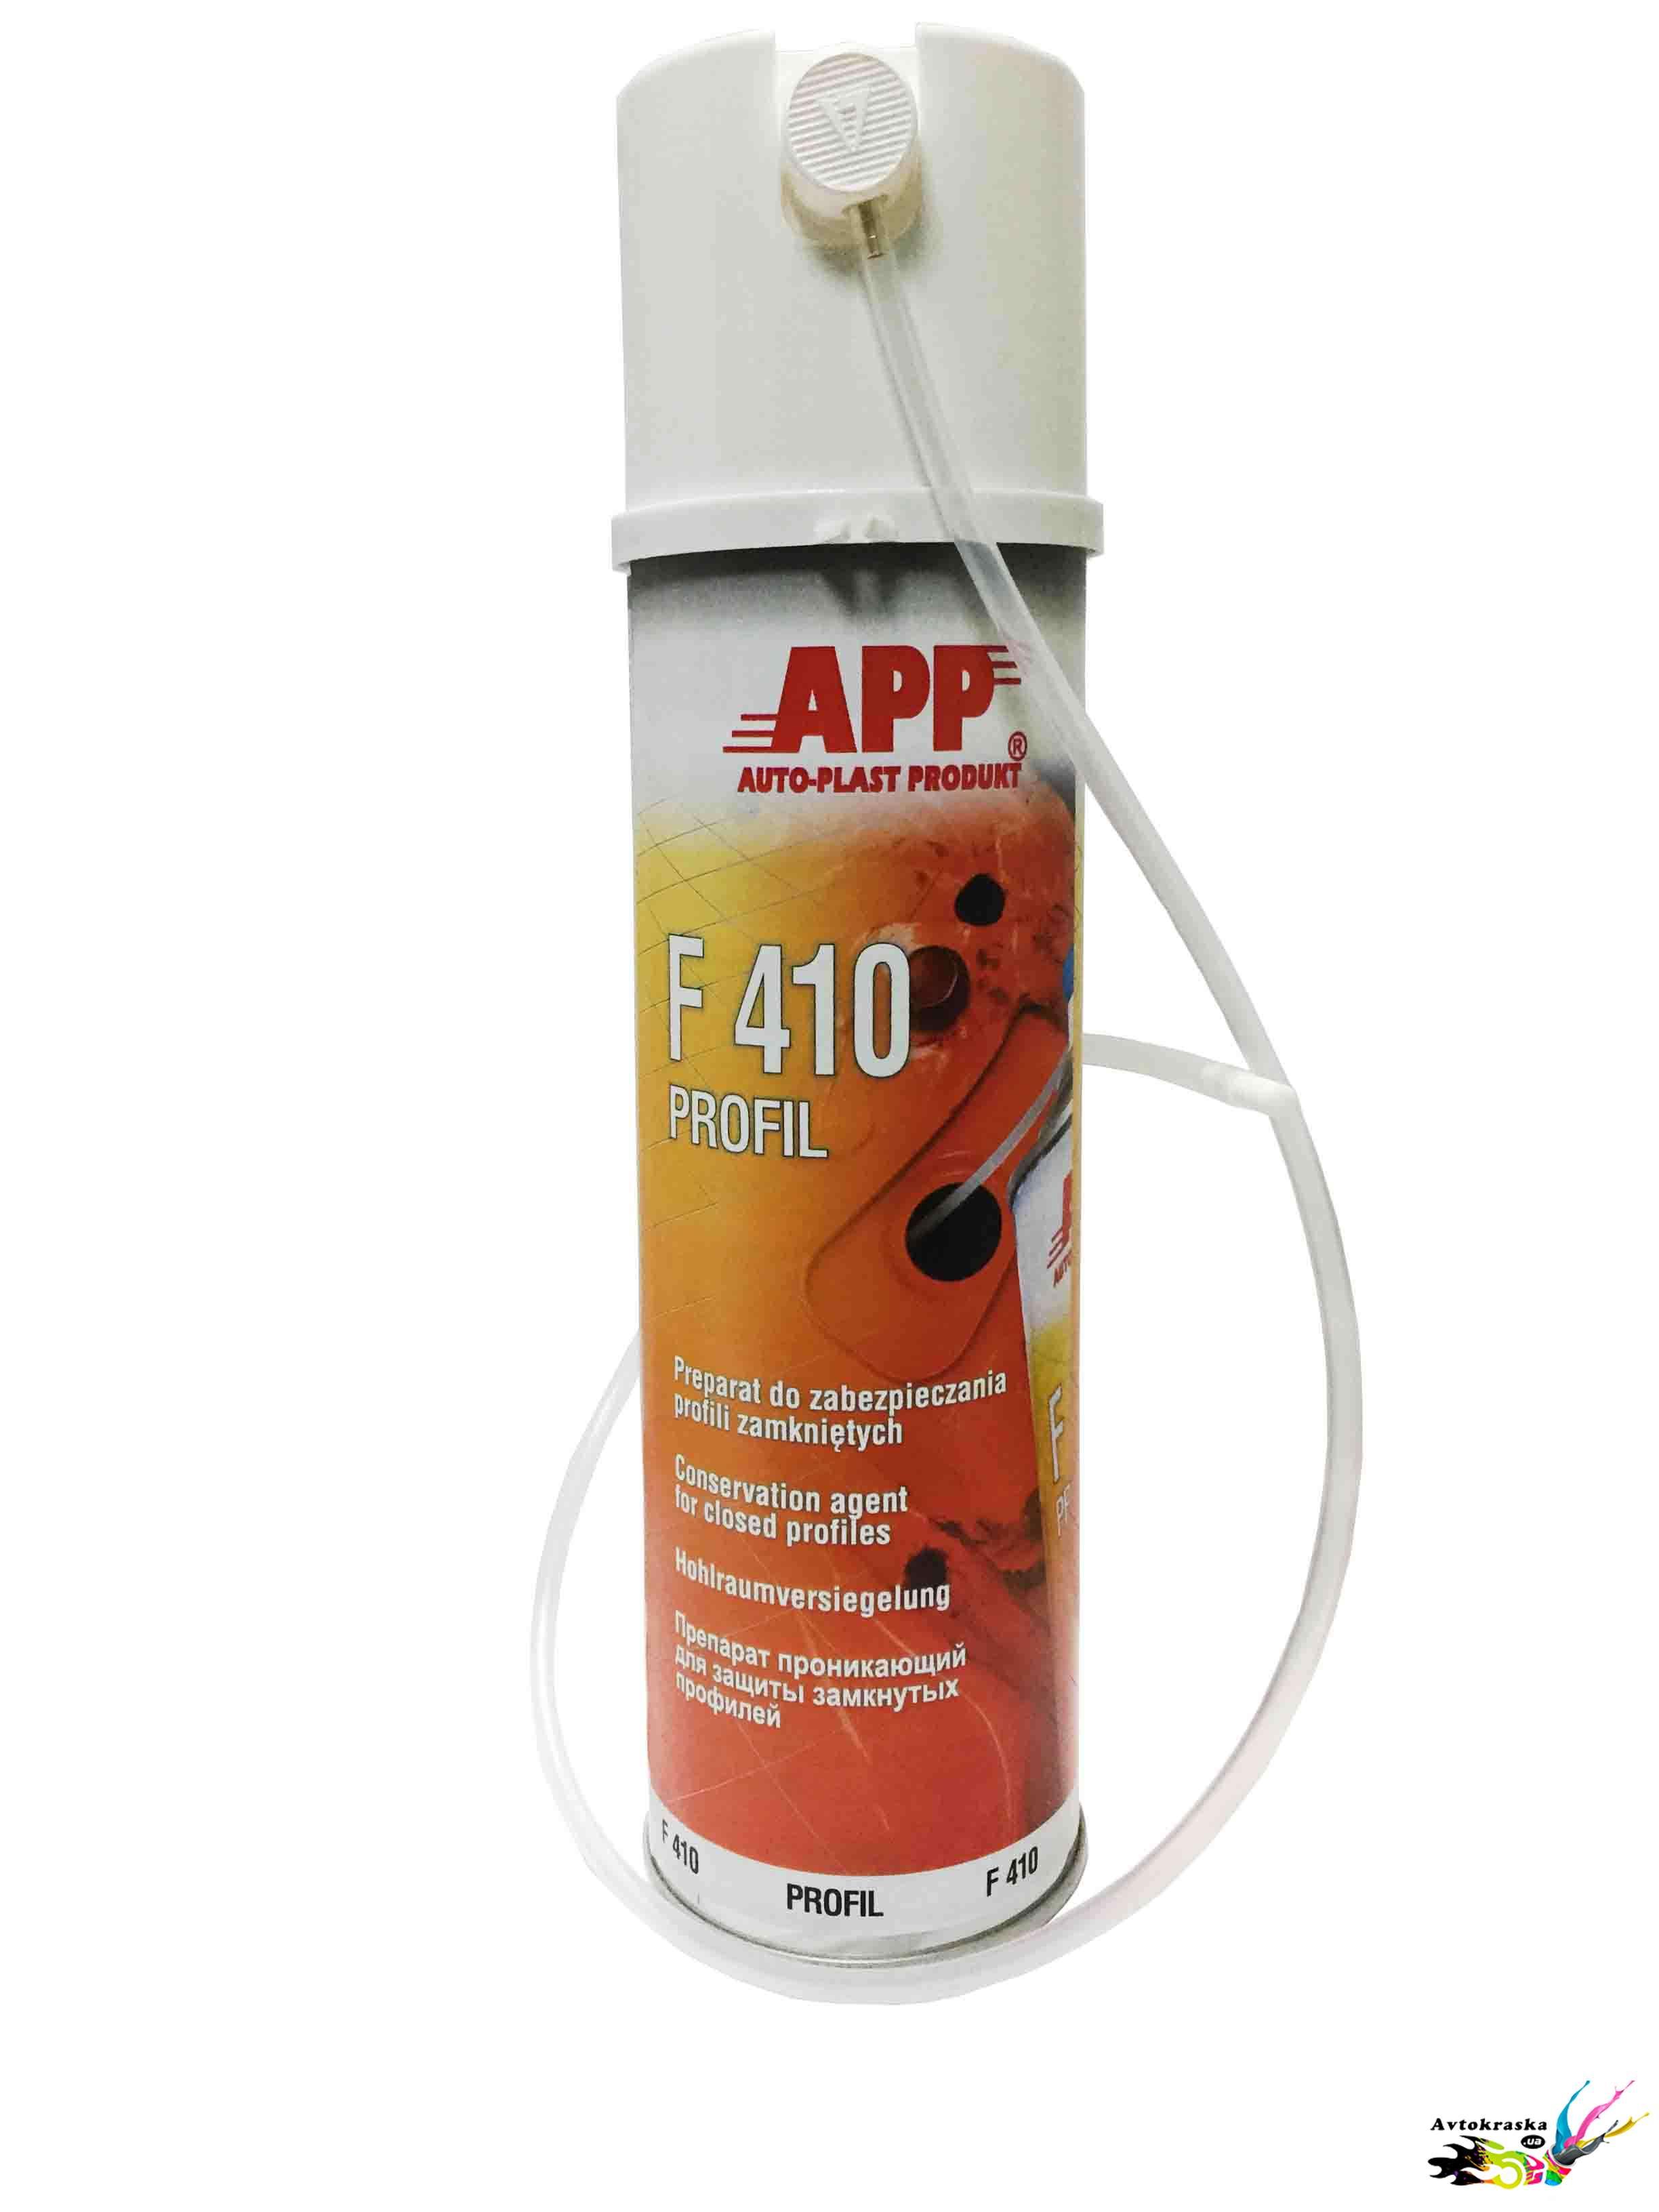 APP 050405 Средство для защиты закрытых профилей янтарный